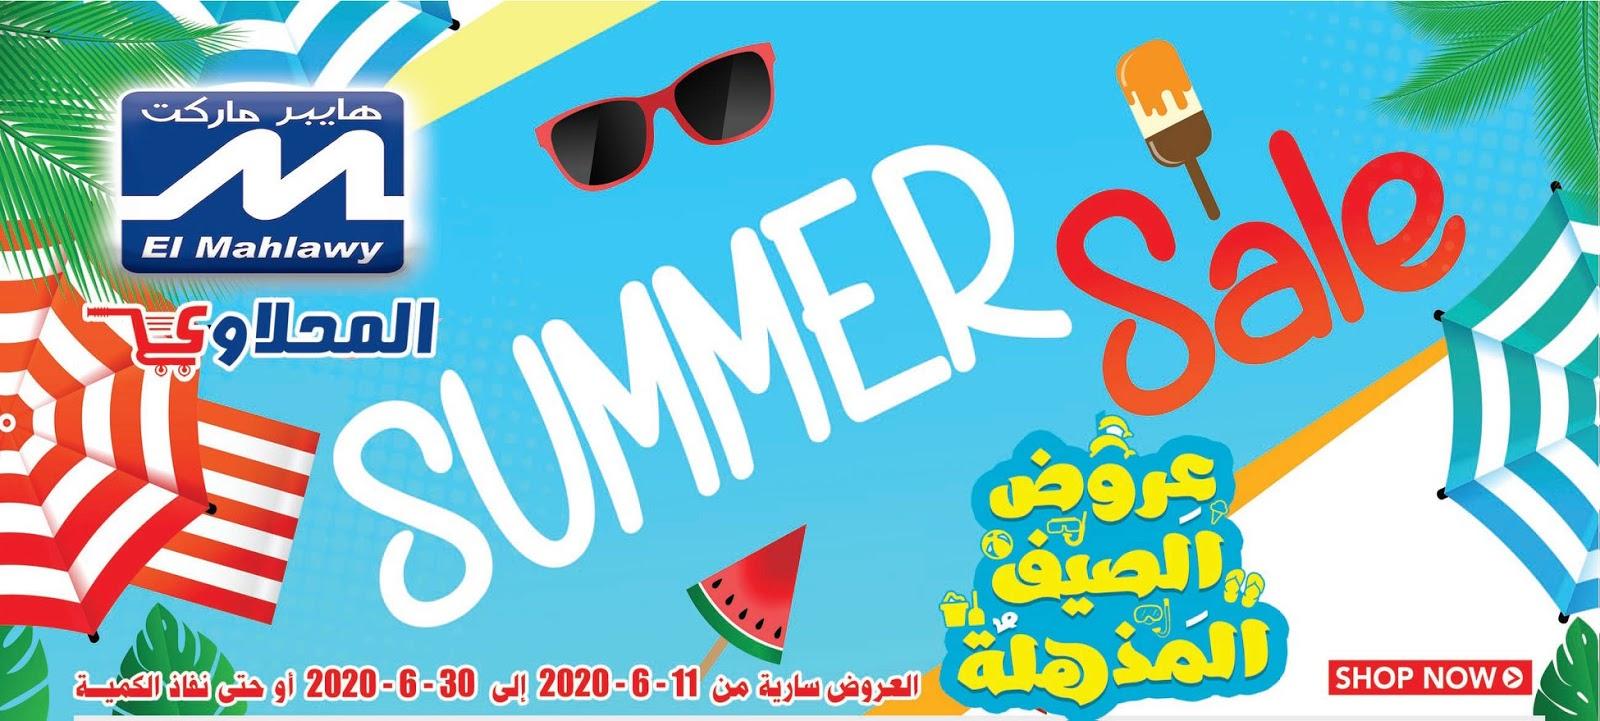 عروض المحلاوى من 11 يونيو حتى 30 يونيو 2020 عروض الصيف